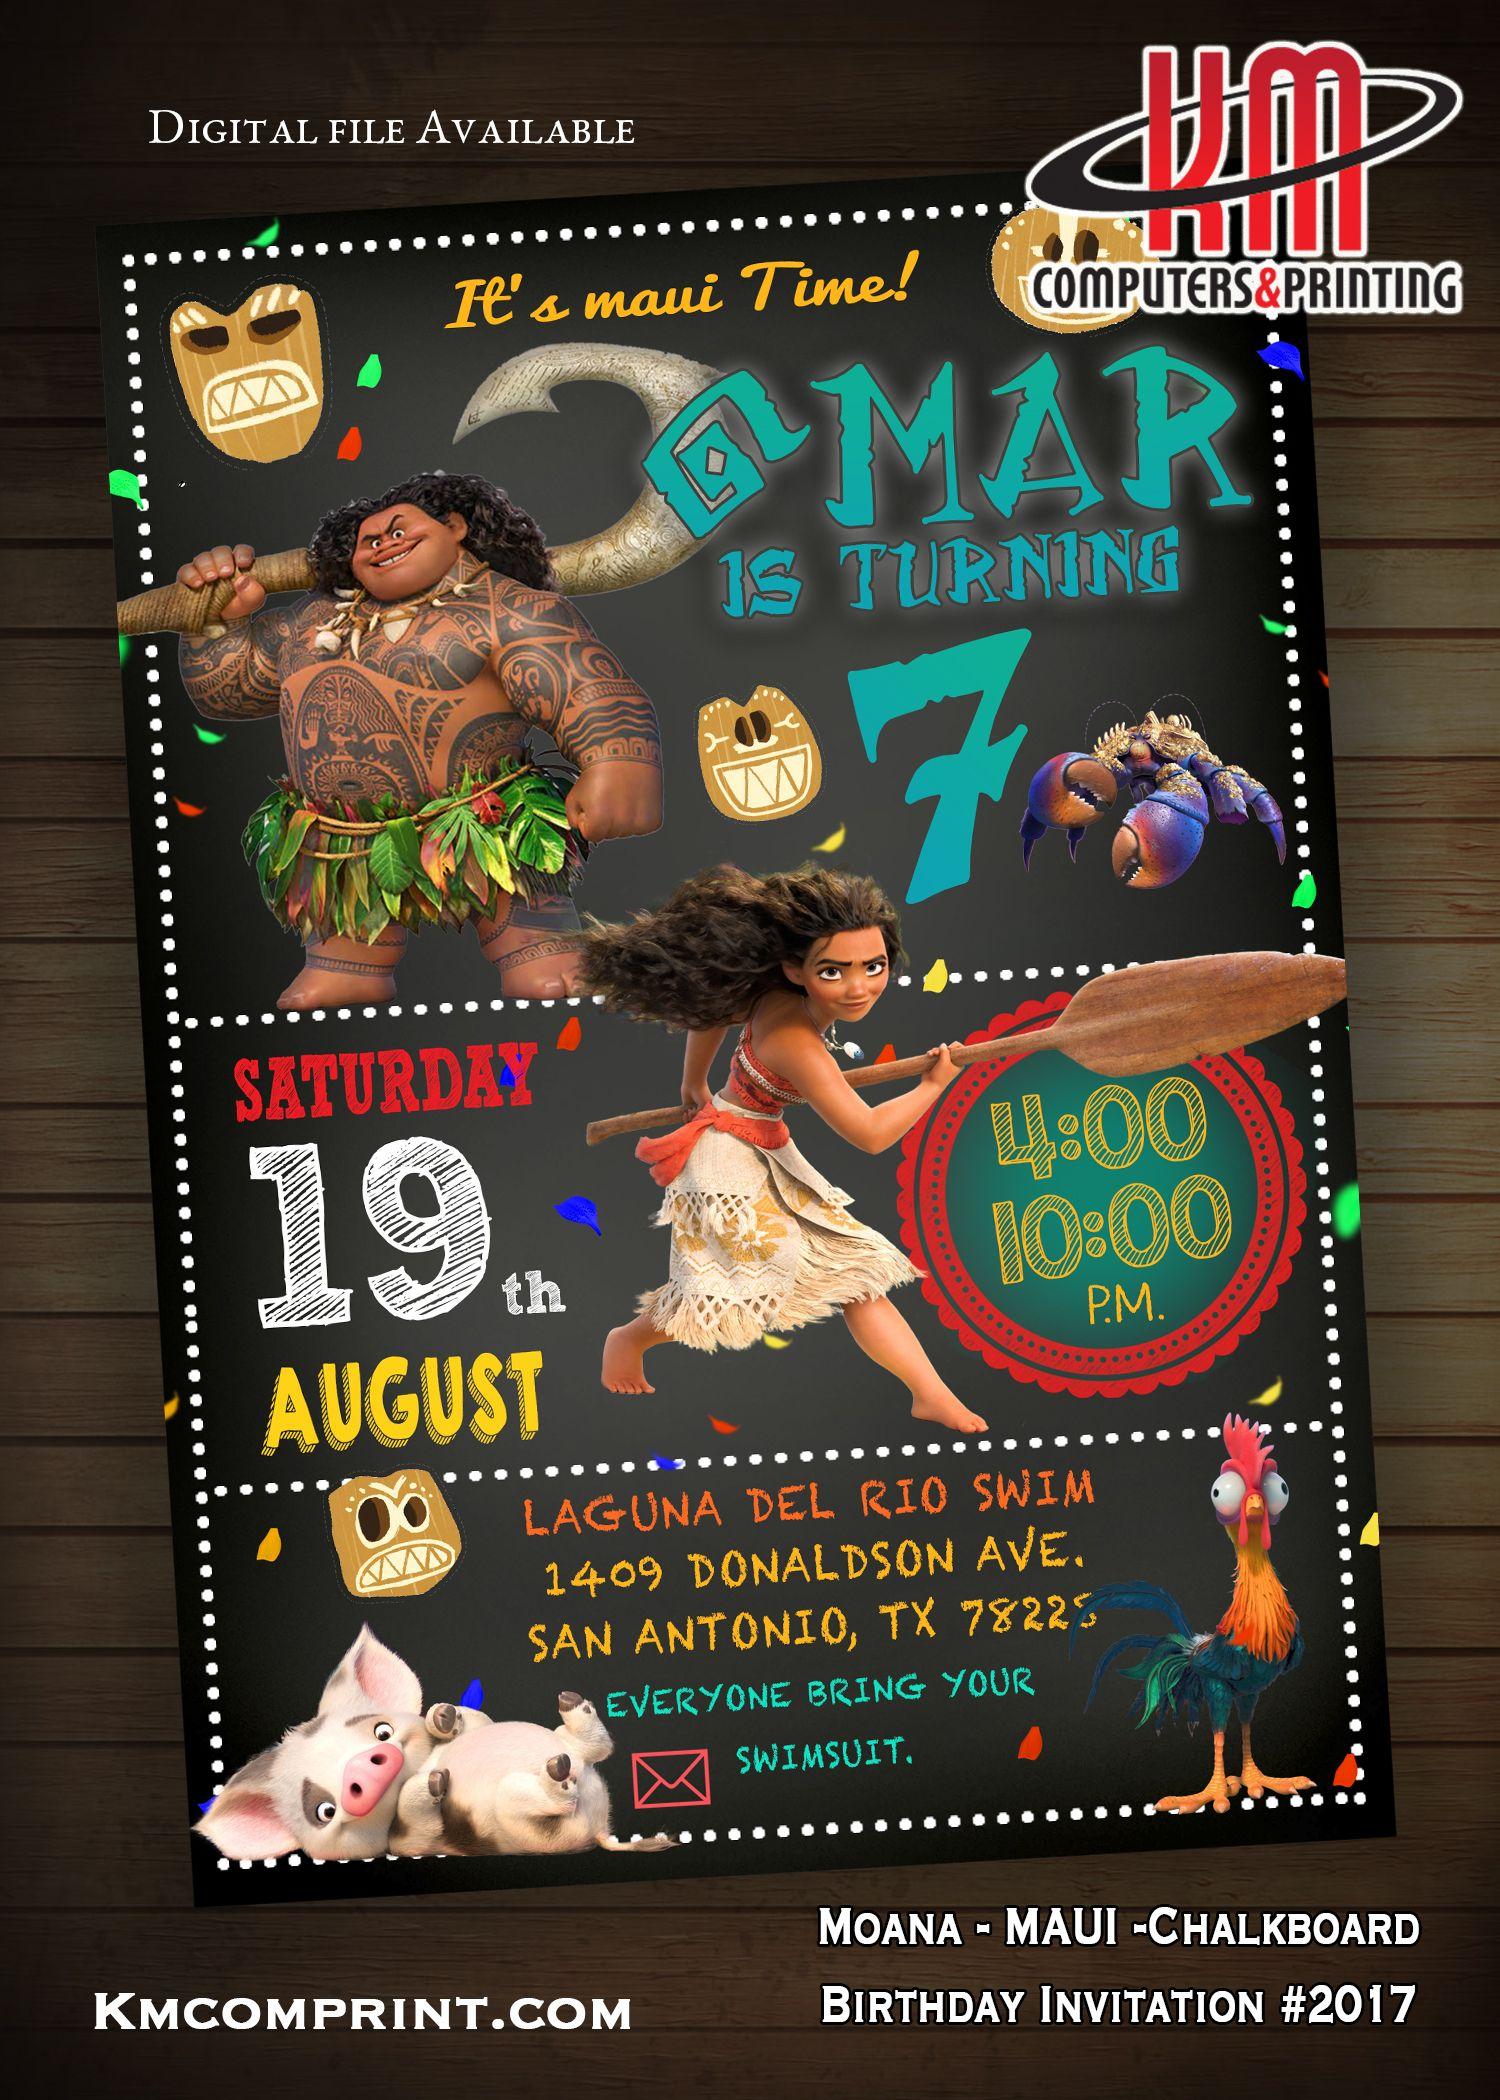 UnisexMoanaMaui Birthday Invitation Digital 10 Printed available